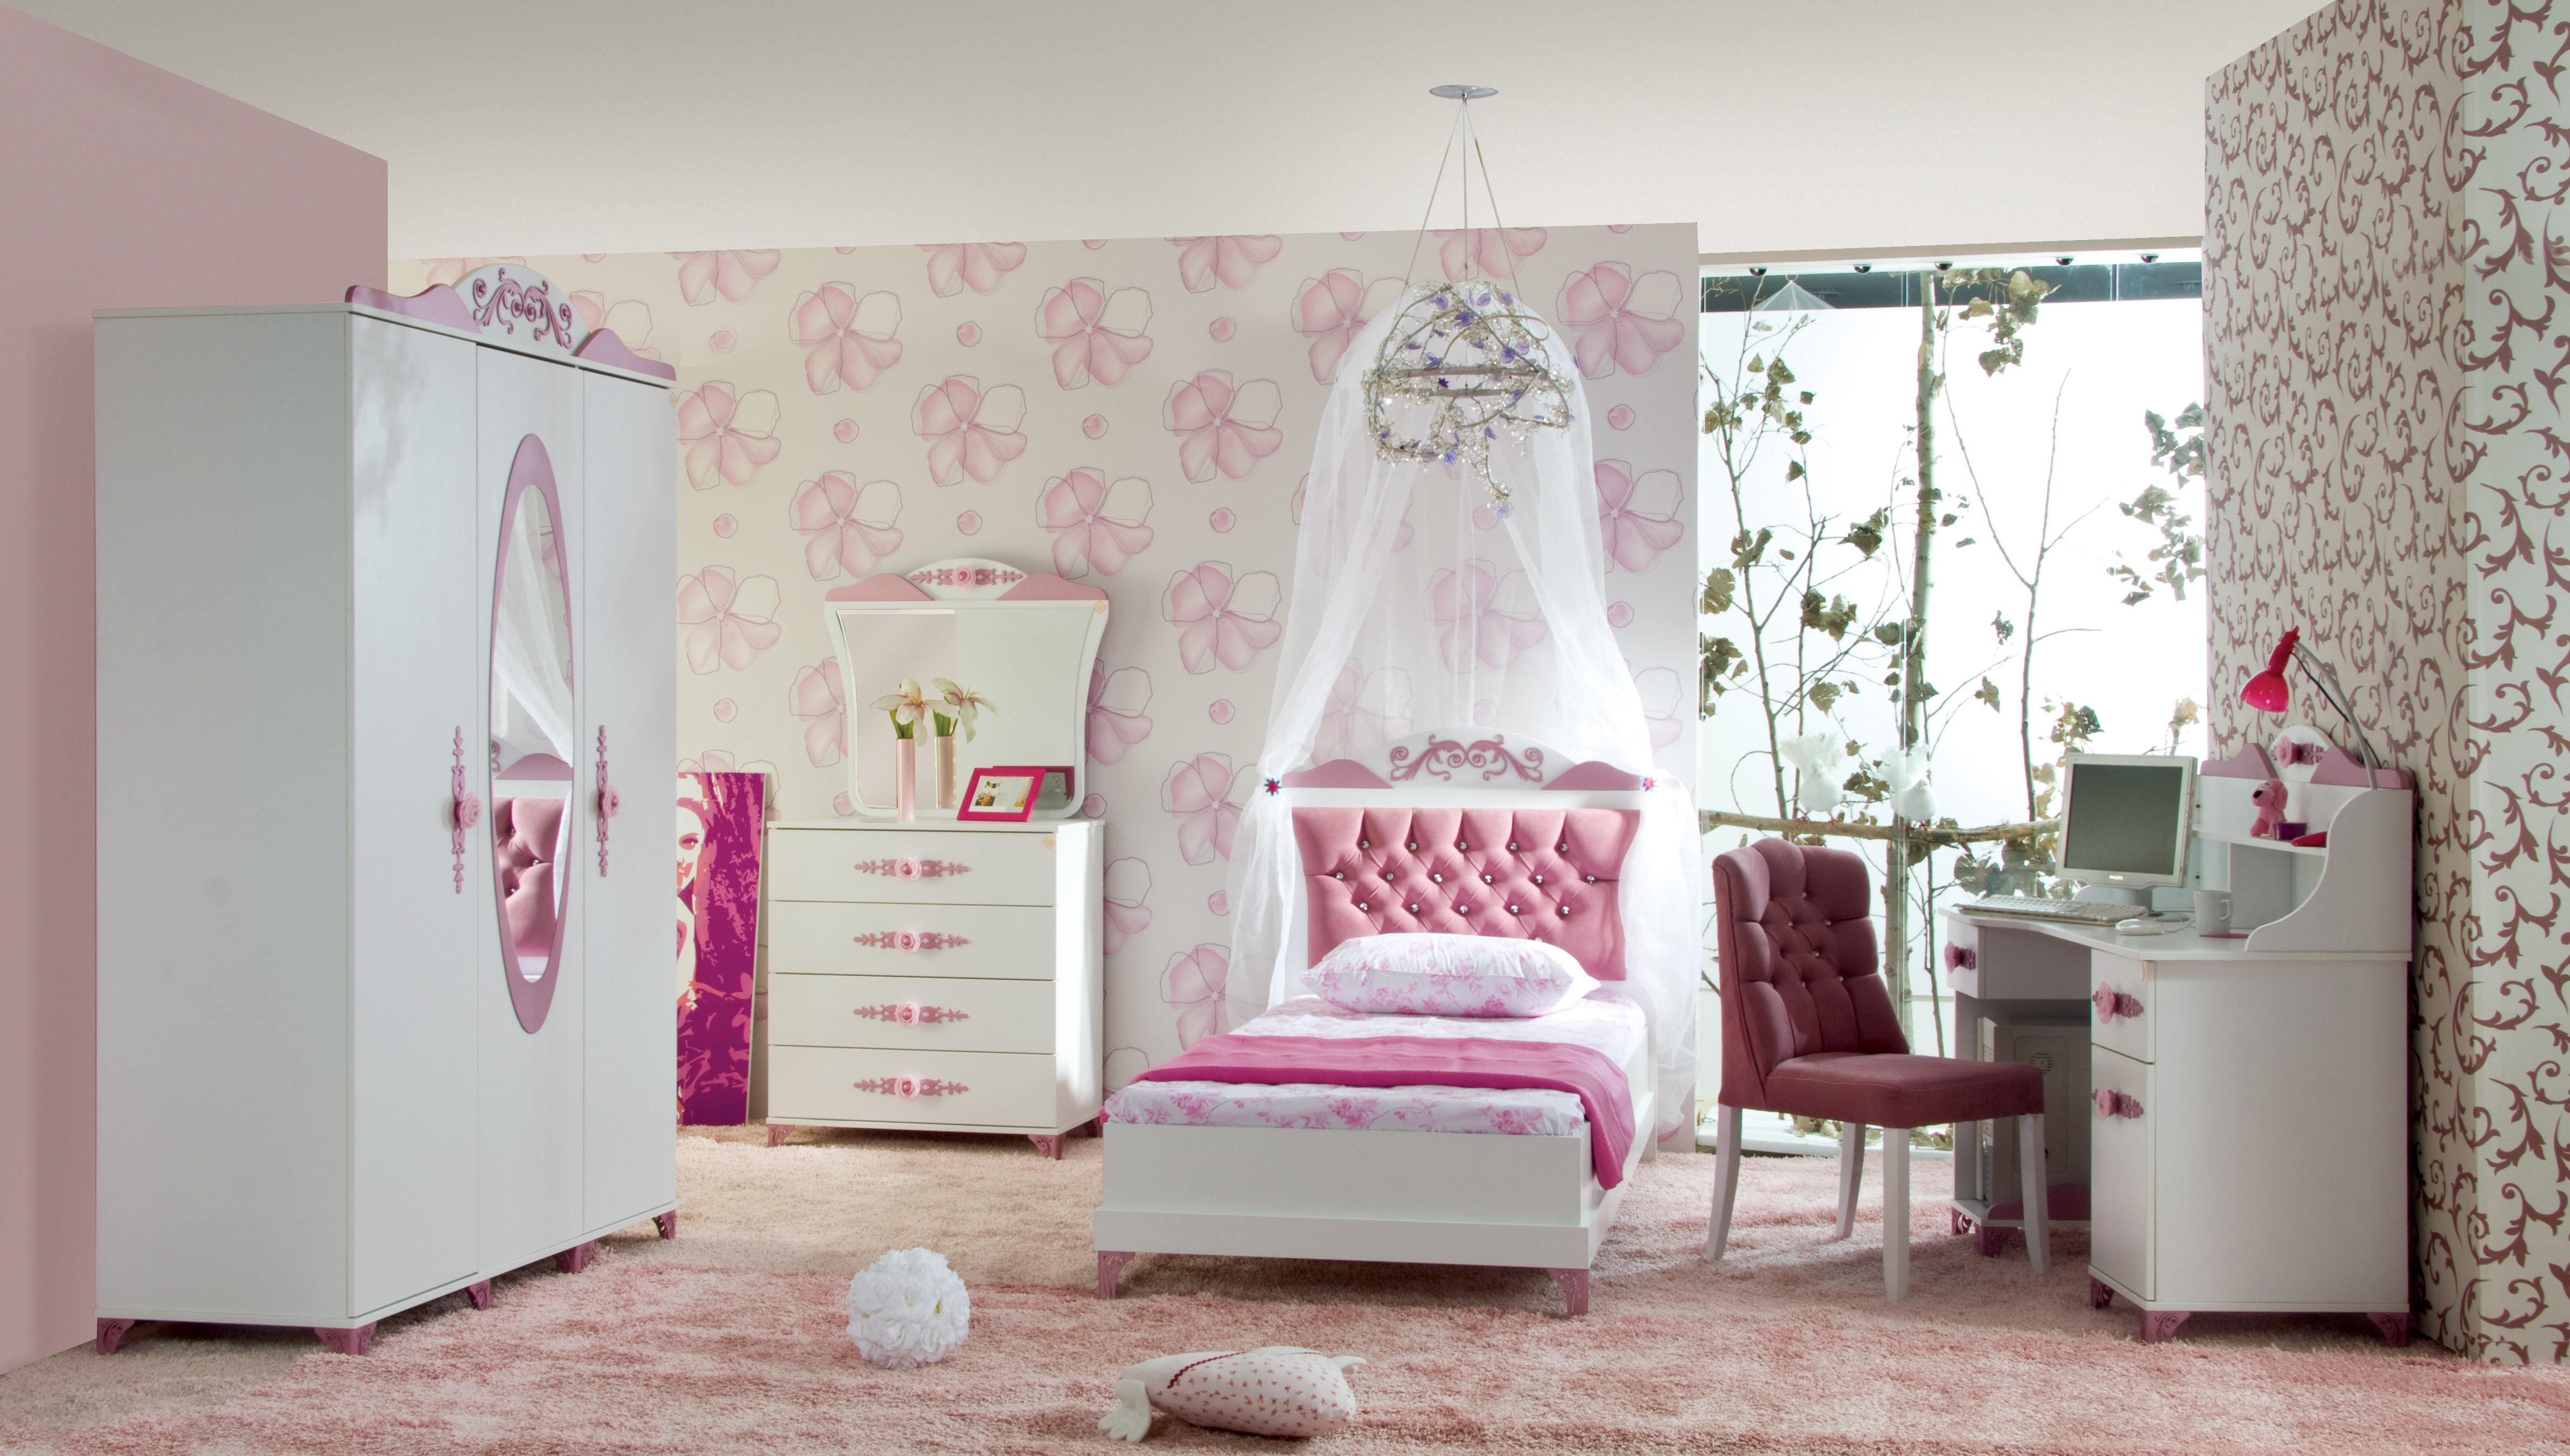 Kinderkamer Meiden : Pretty kledingkast voor de kinderkamer ...